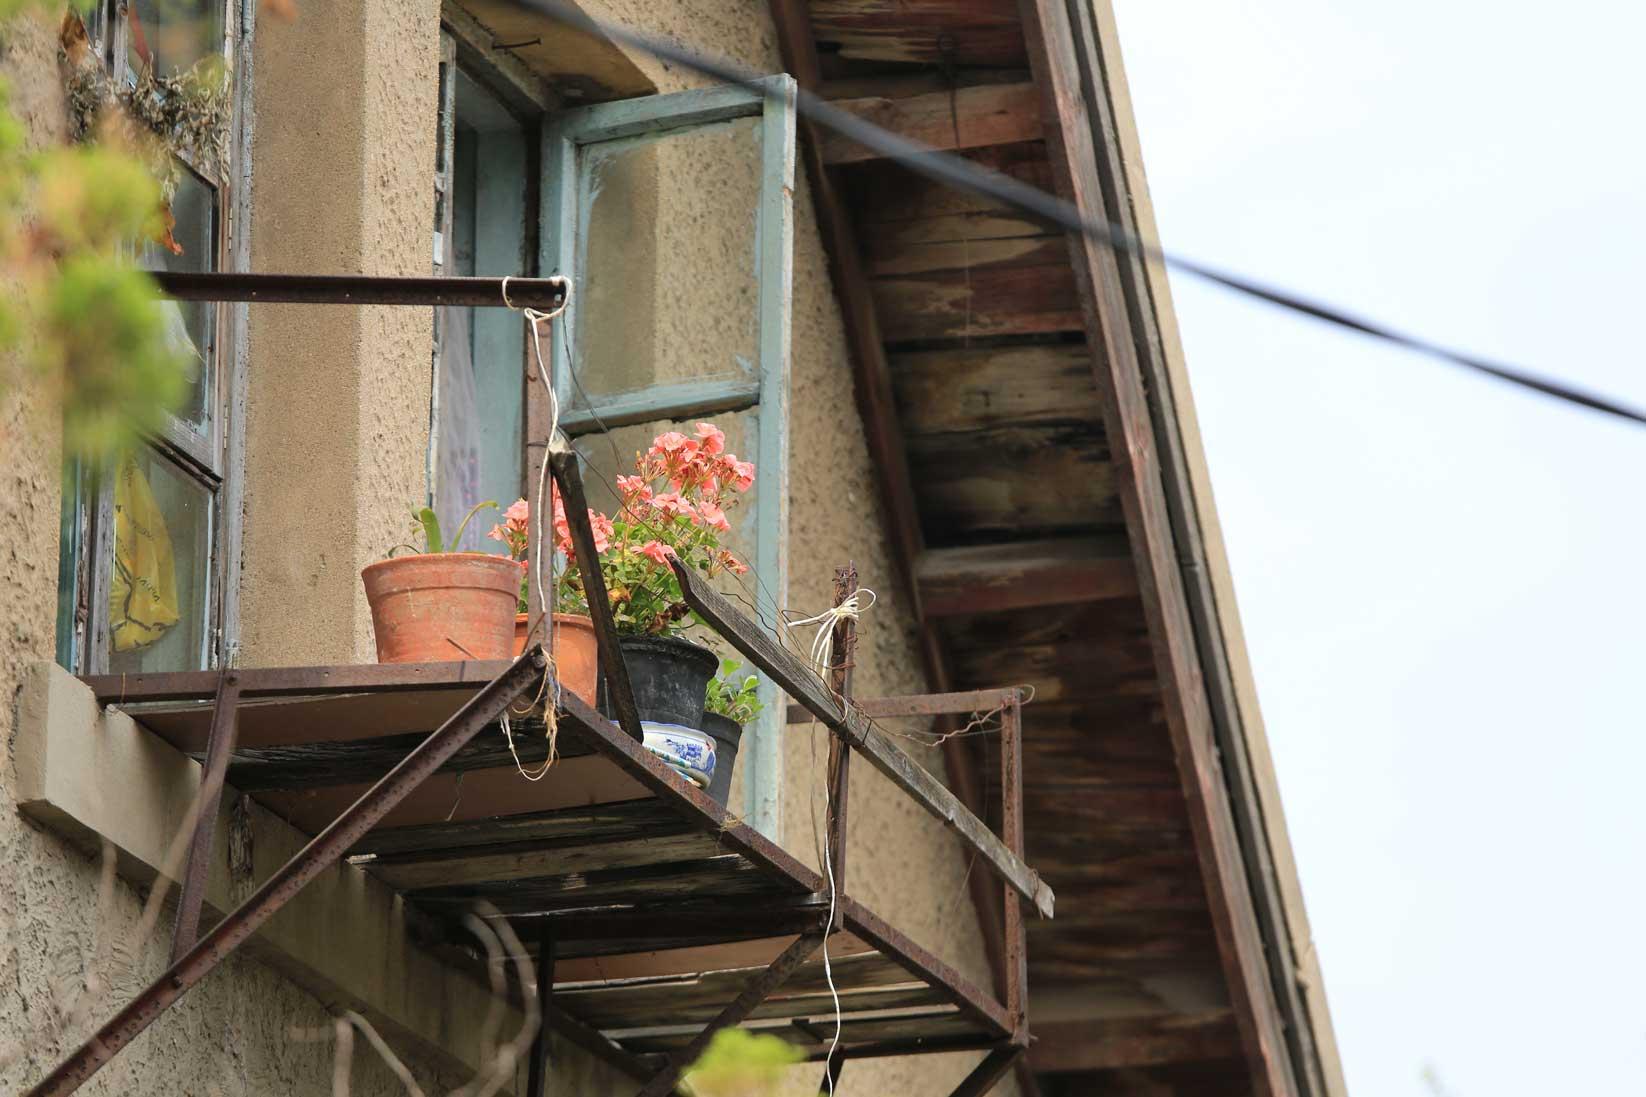 次々に壊されていく文化台の一戸建て住宅【昭和のフォルム 大連◆文化台②】_b0235153_23453561.jpg